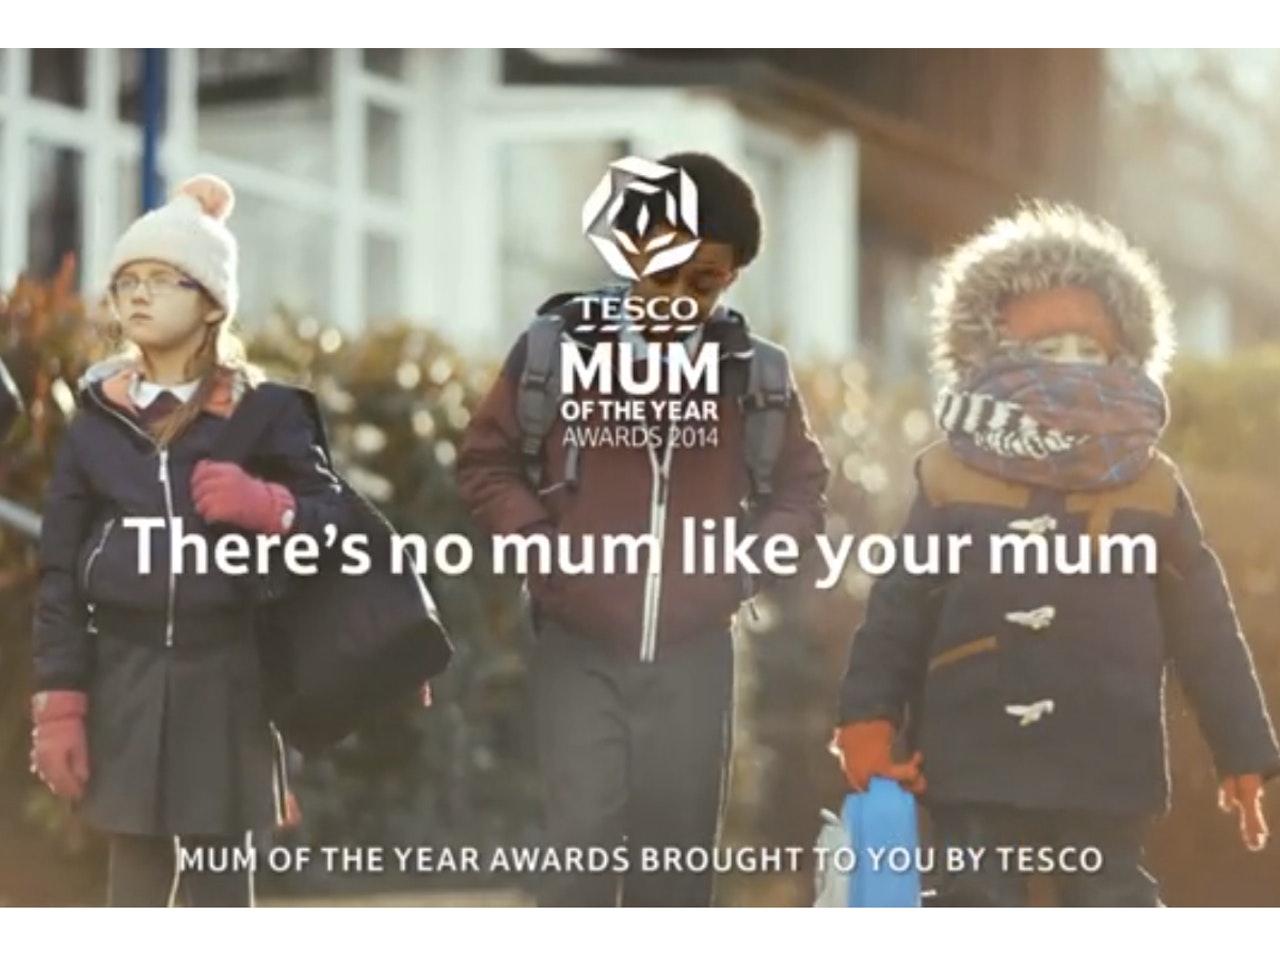 TESCO - MUM OF THE YEAR